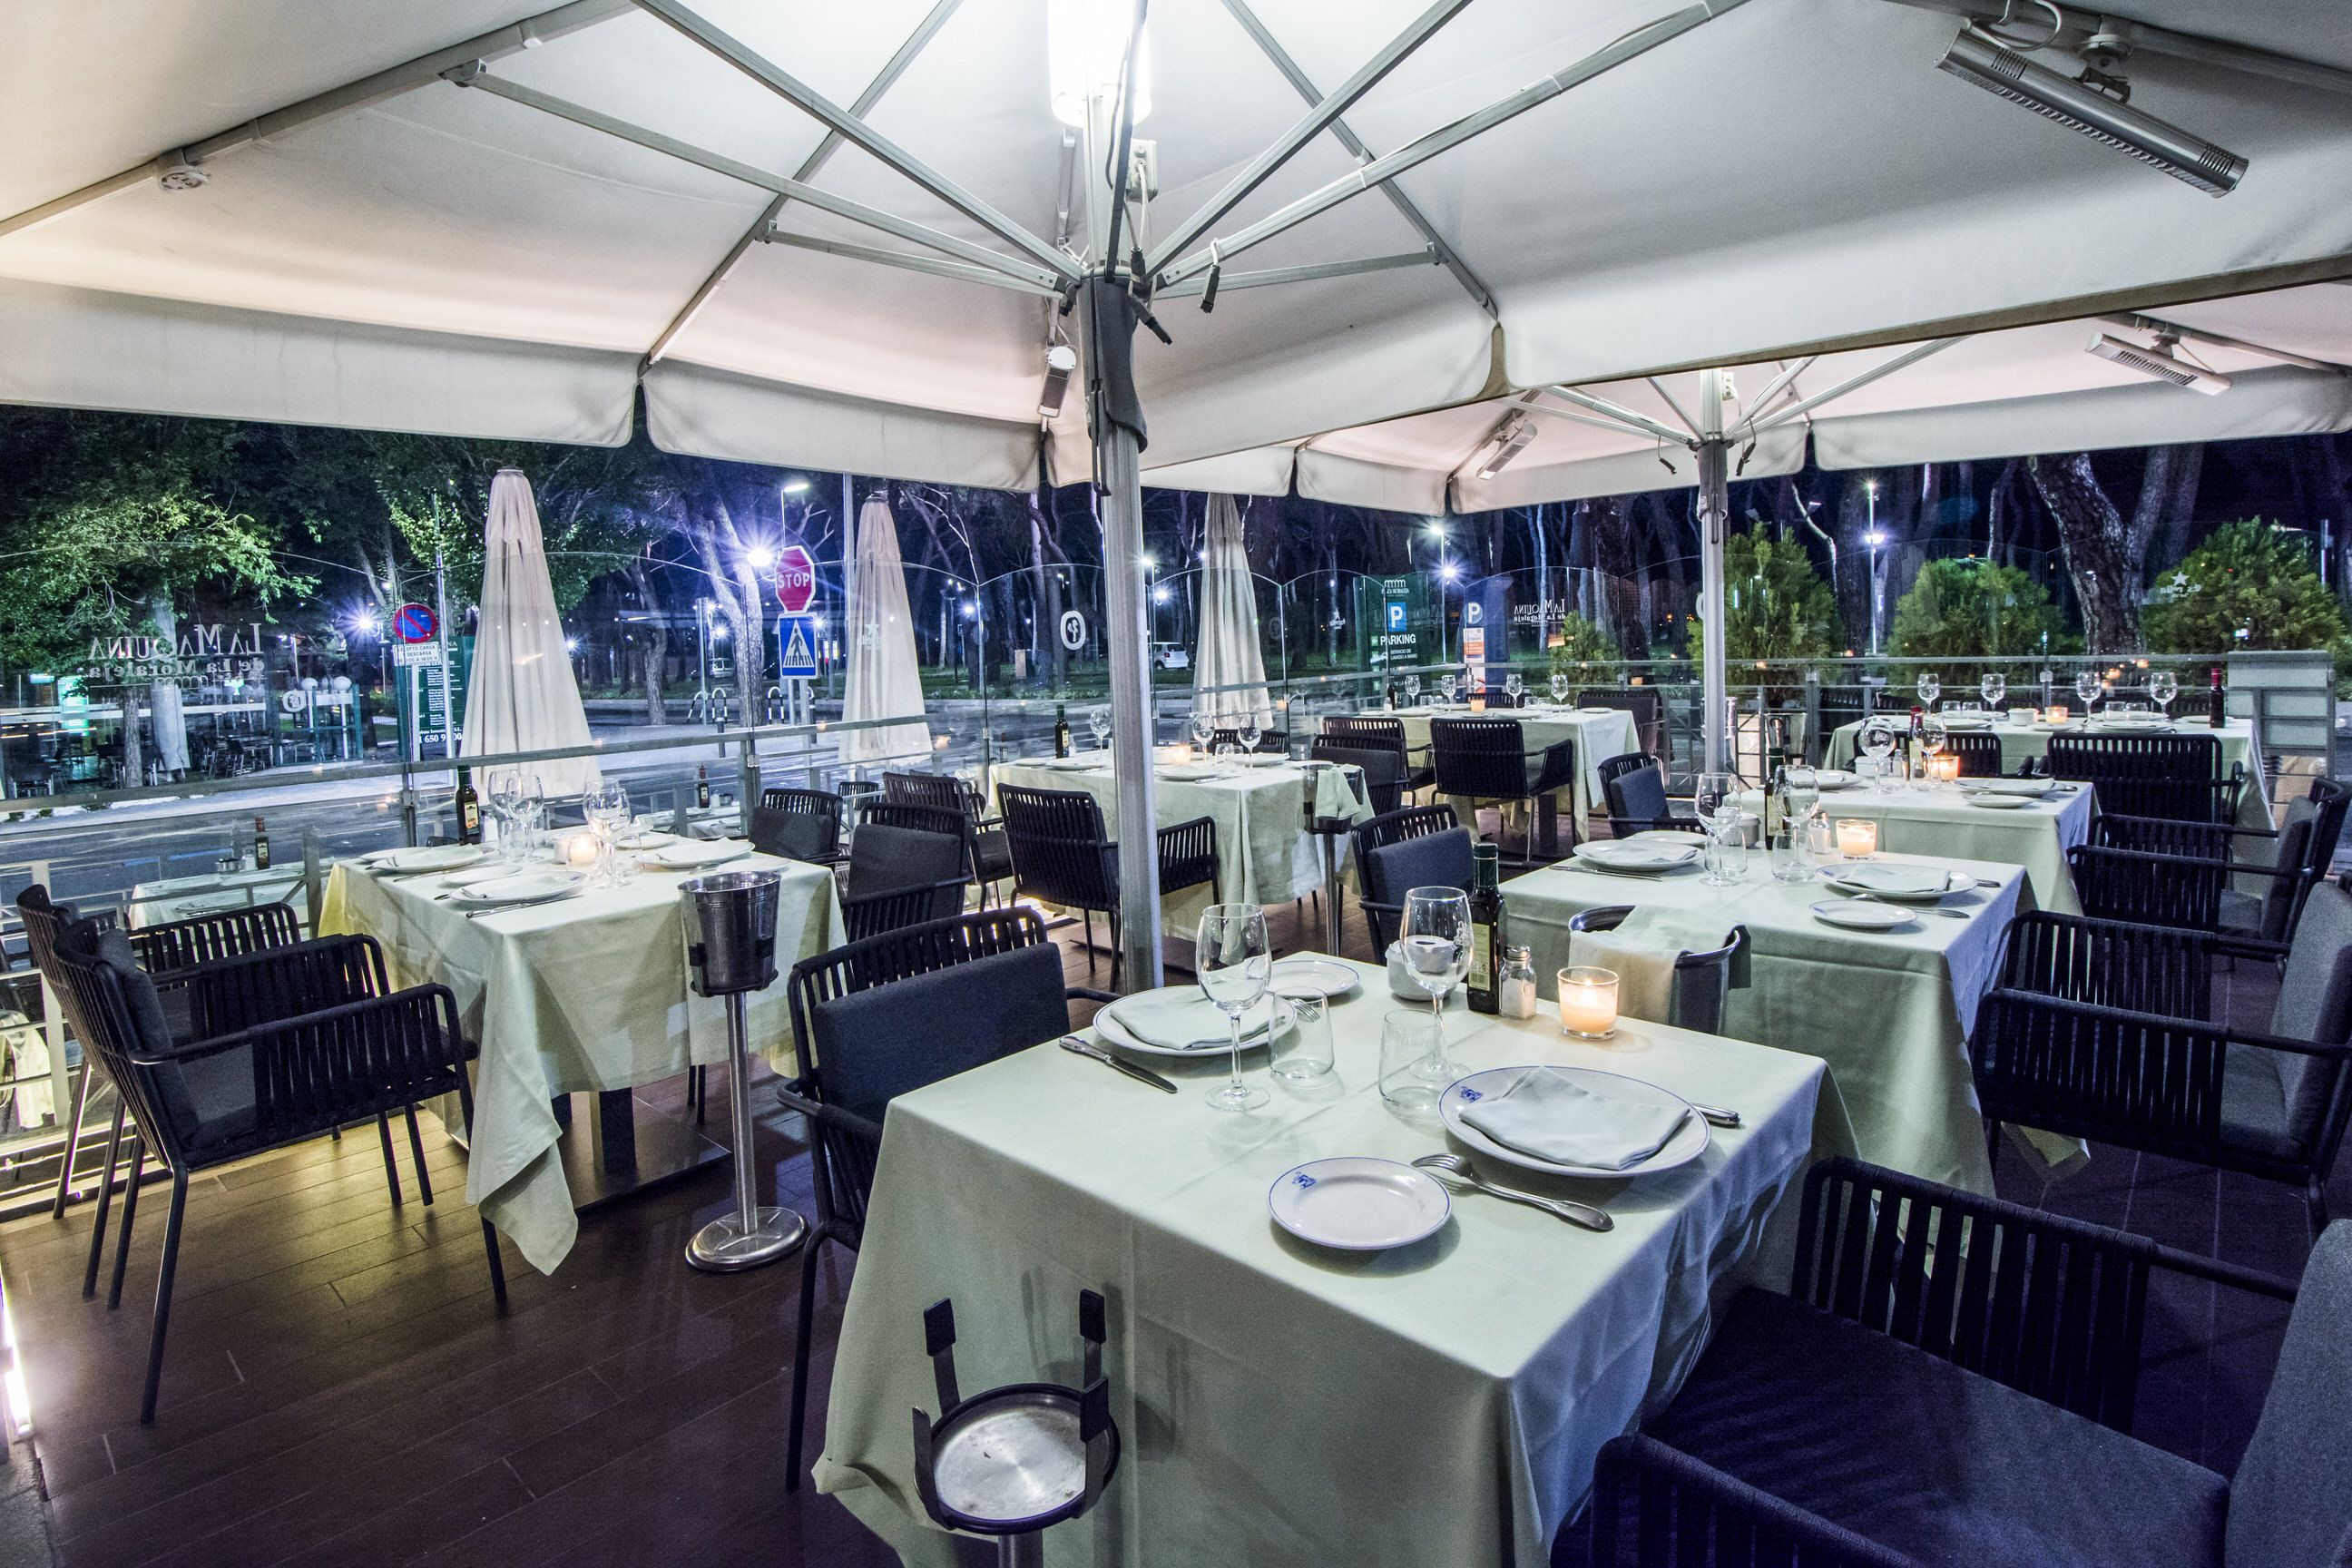 Para Comer En La Terraza Iluminada De Noche De La Máquina De La Moraleja Maquinista Restaurantes Espacio Privado